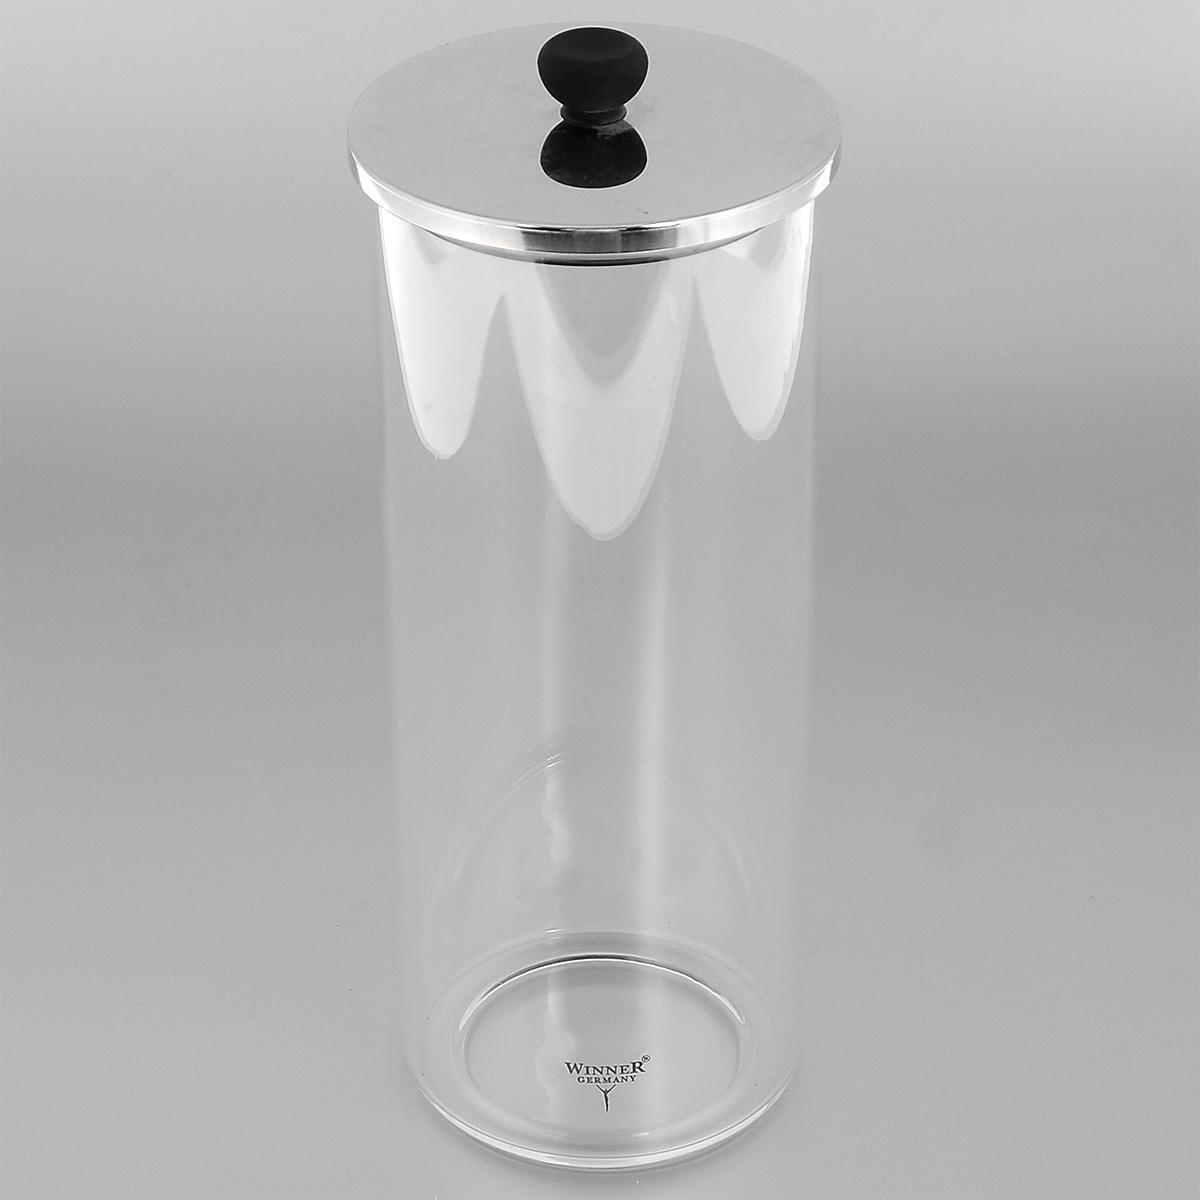 Контейнер для сыпучих продуктов Winner, 1,2 лWR-6905Контейнер Winner, выполненный из высококачественного стекла, станетнезаменимым помощником на кухне. В нем будет удобно хранить разнообразныесыпучие продукты, такие как кофе, крупы, макароны или специи. Контейнерснабжен герметичной крышкой из нержавеющей стали с силиконовымуплотнителем, благодаря чему продукты в нем дольше останутся свежими.Контейнер Winner станет достойным дополнением к кухонному инвентарю.Диаметр: 9,5 см. Высота (без учета крышки): 22 см. Объем: 1,2 л.